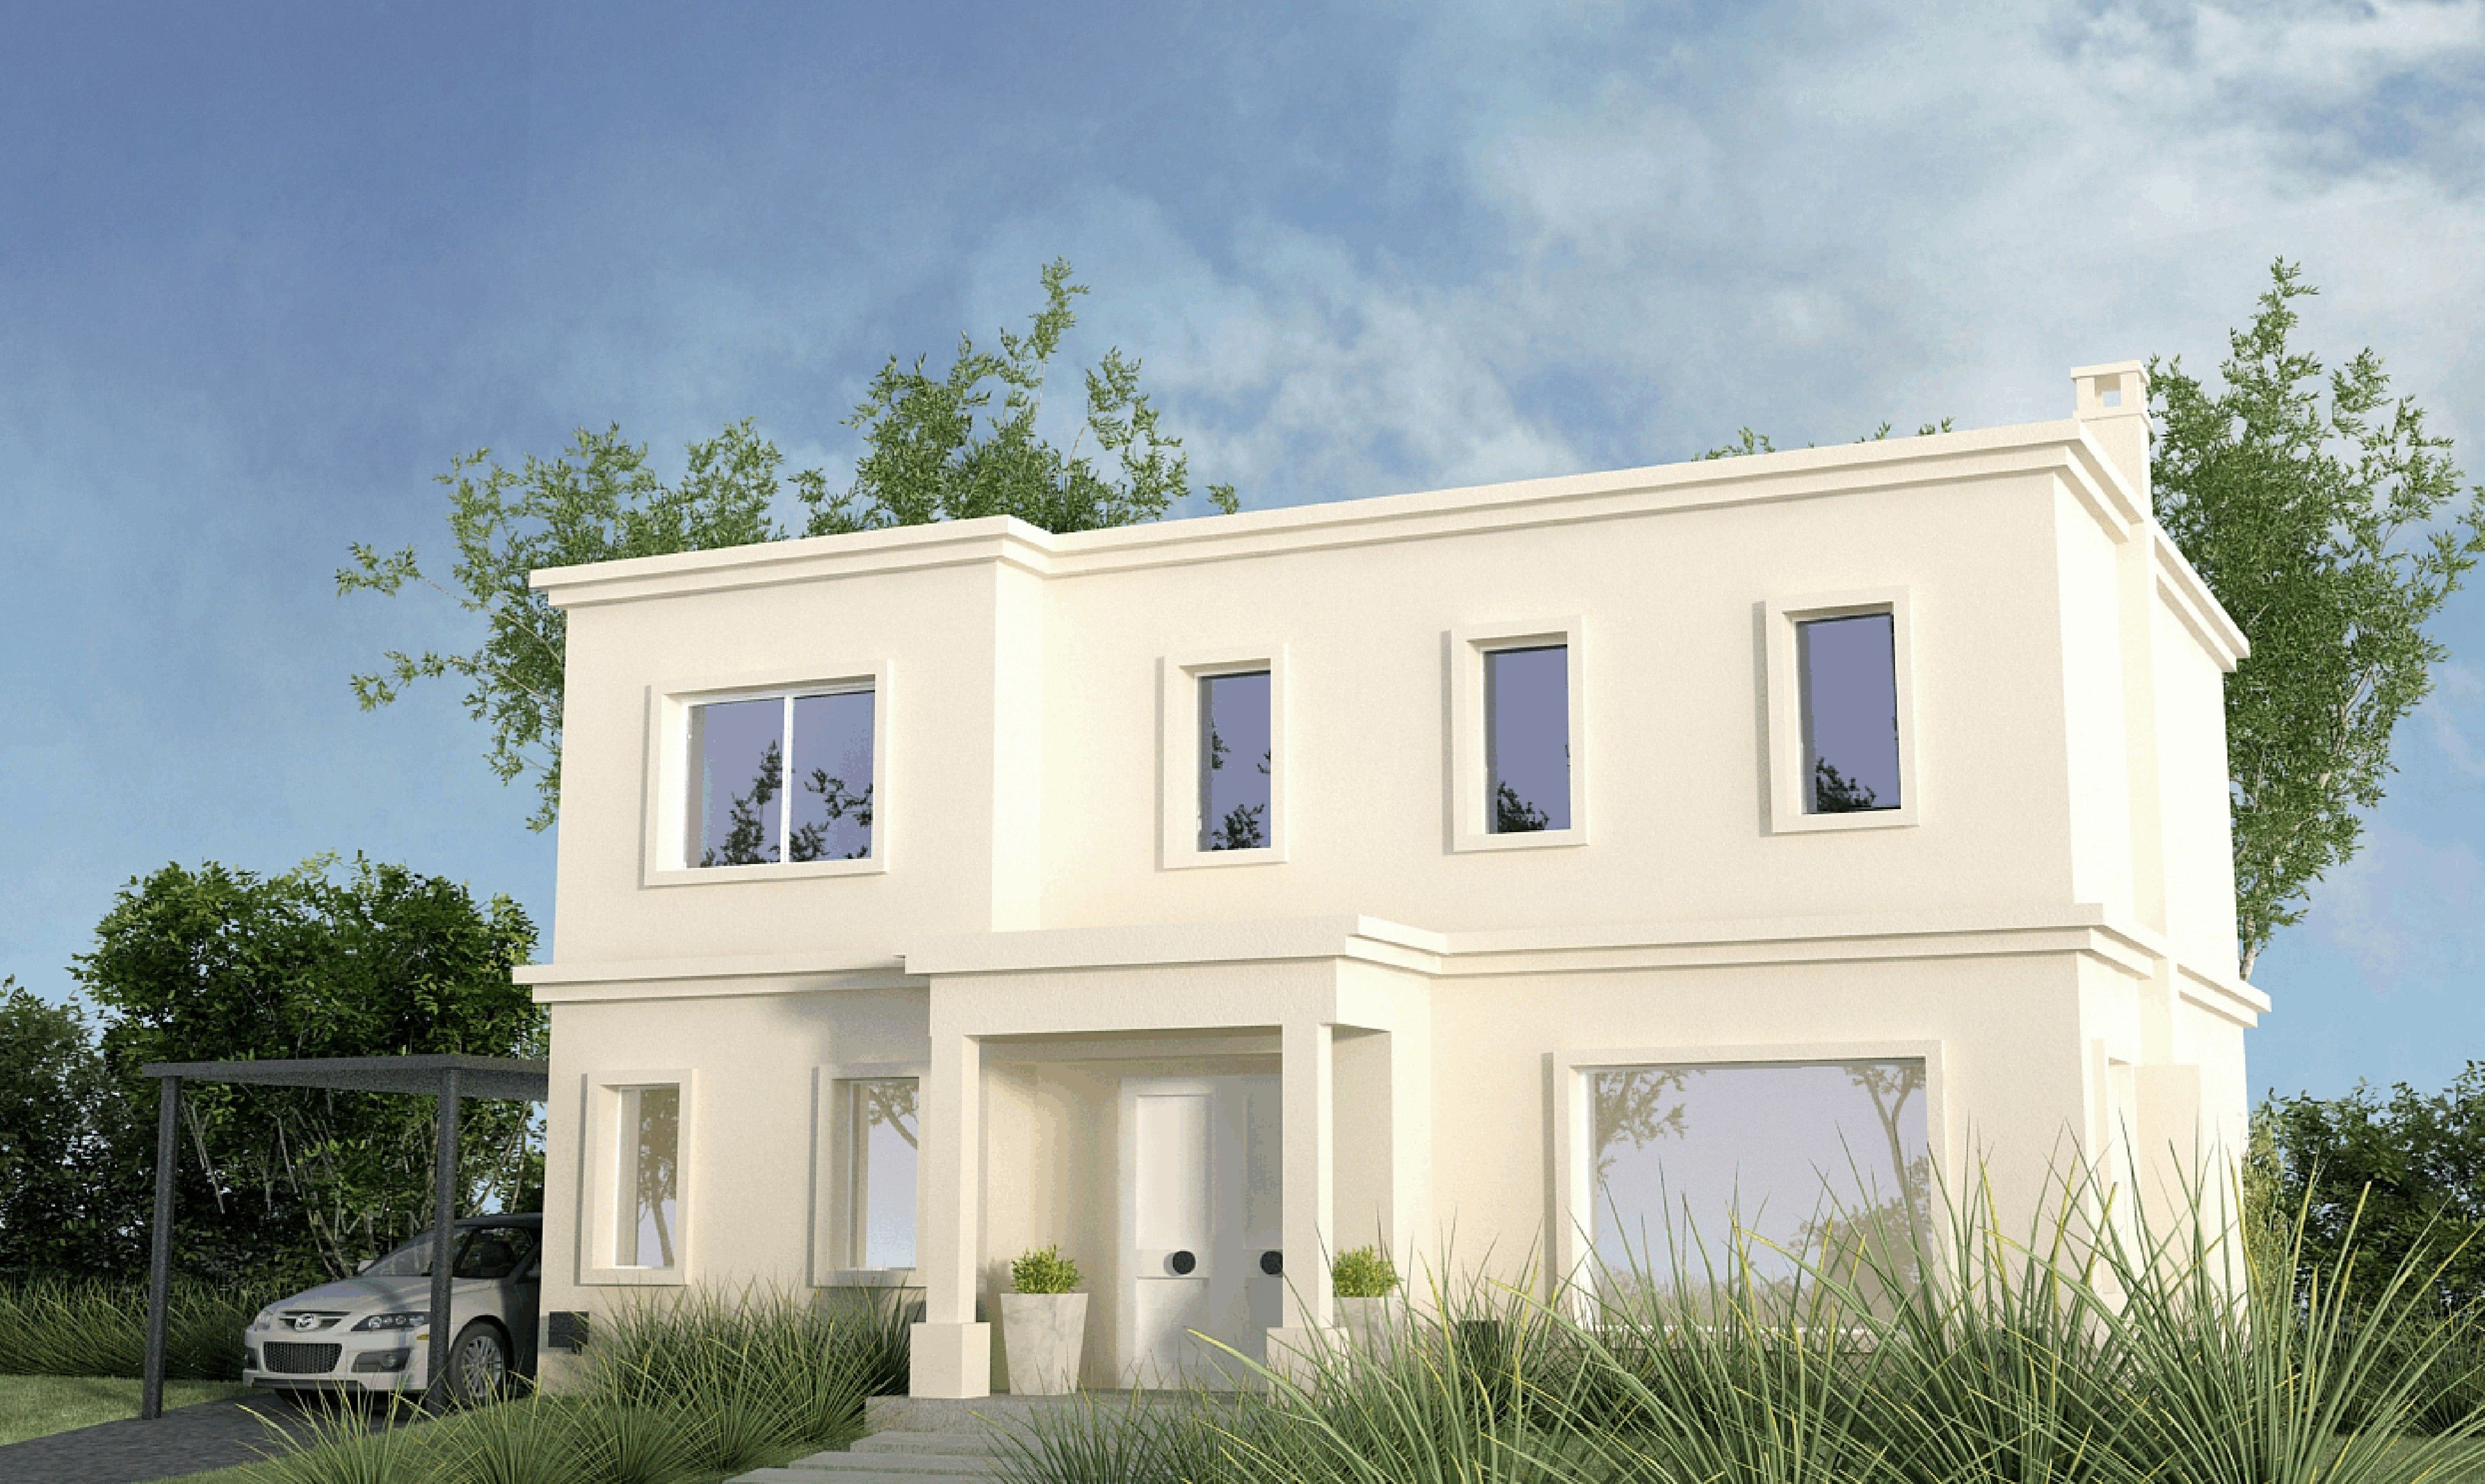 DT 16 Casa llave en mano de 160m², con 6 estilos